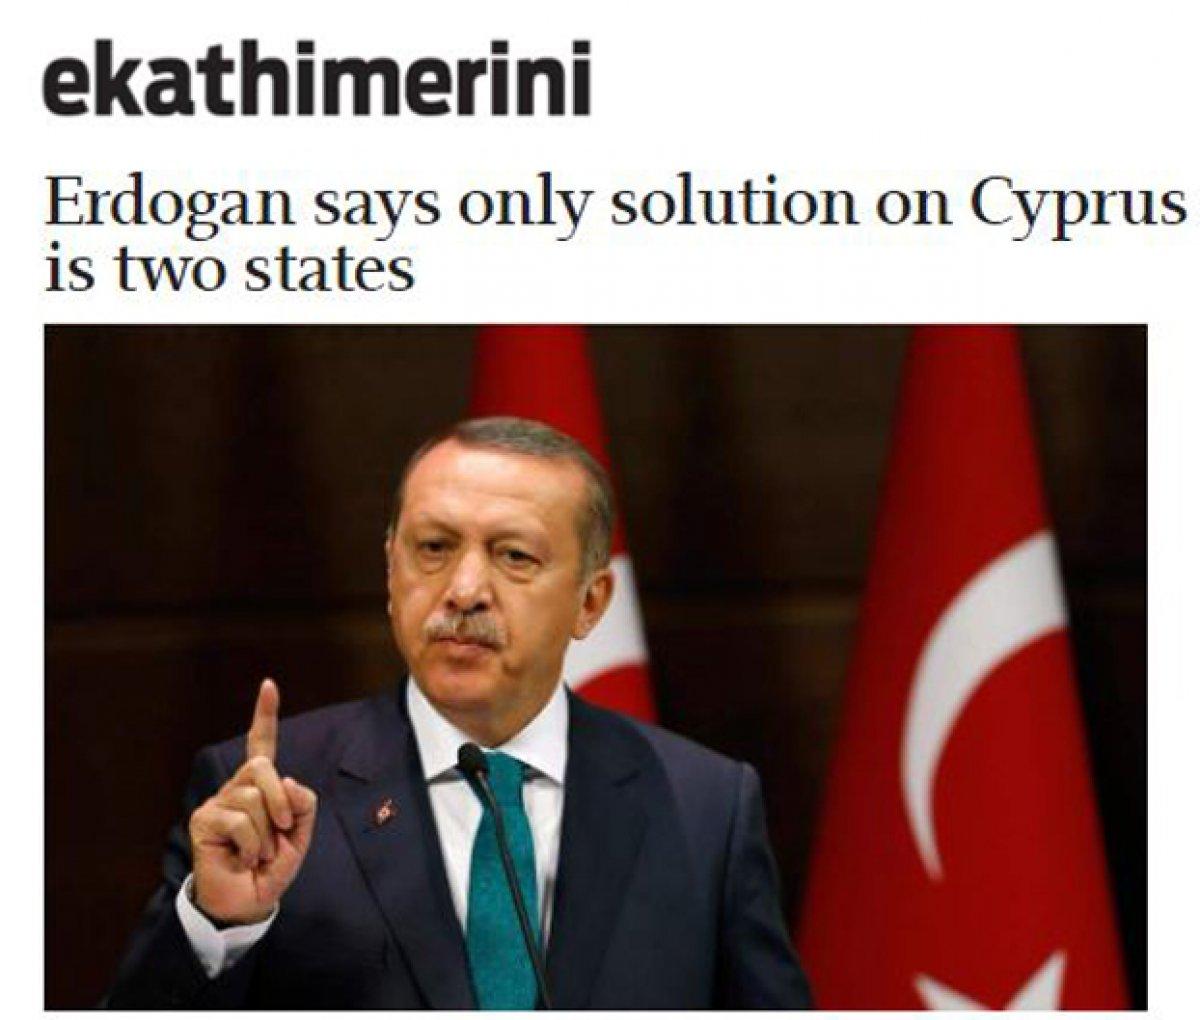 Cumhurbaşkanı Erdoğan ın Kiryakos Miçotakis le ilgili sözleri Yunan basınında #3